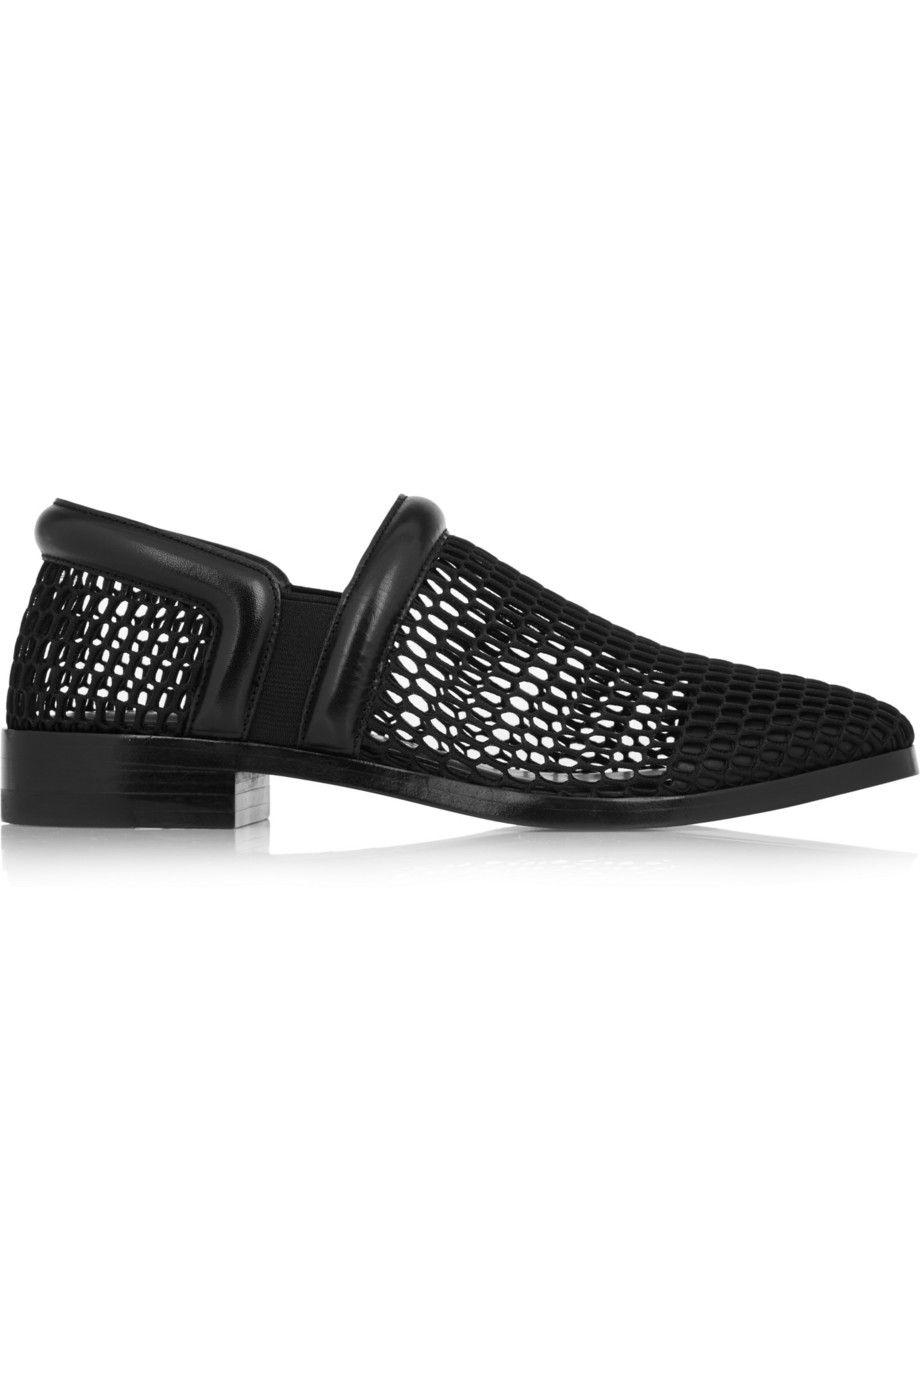 FOOTWEAR - Loafers Alexander Wang ETNgEa